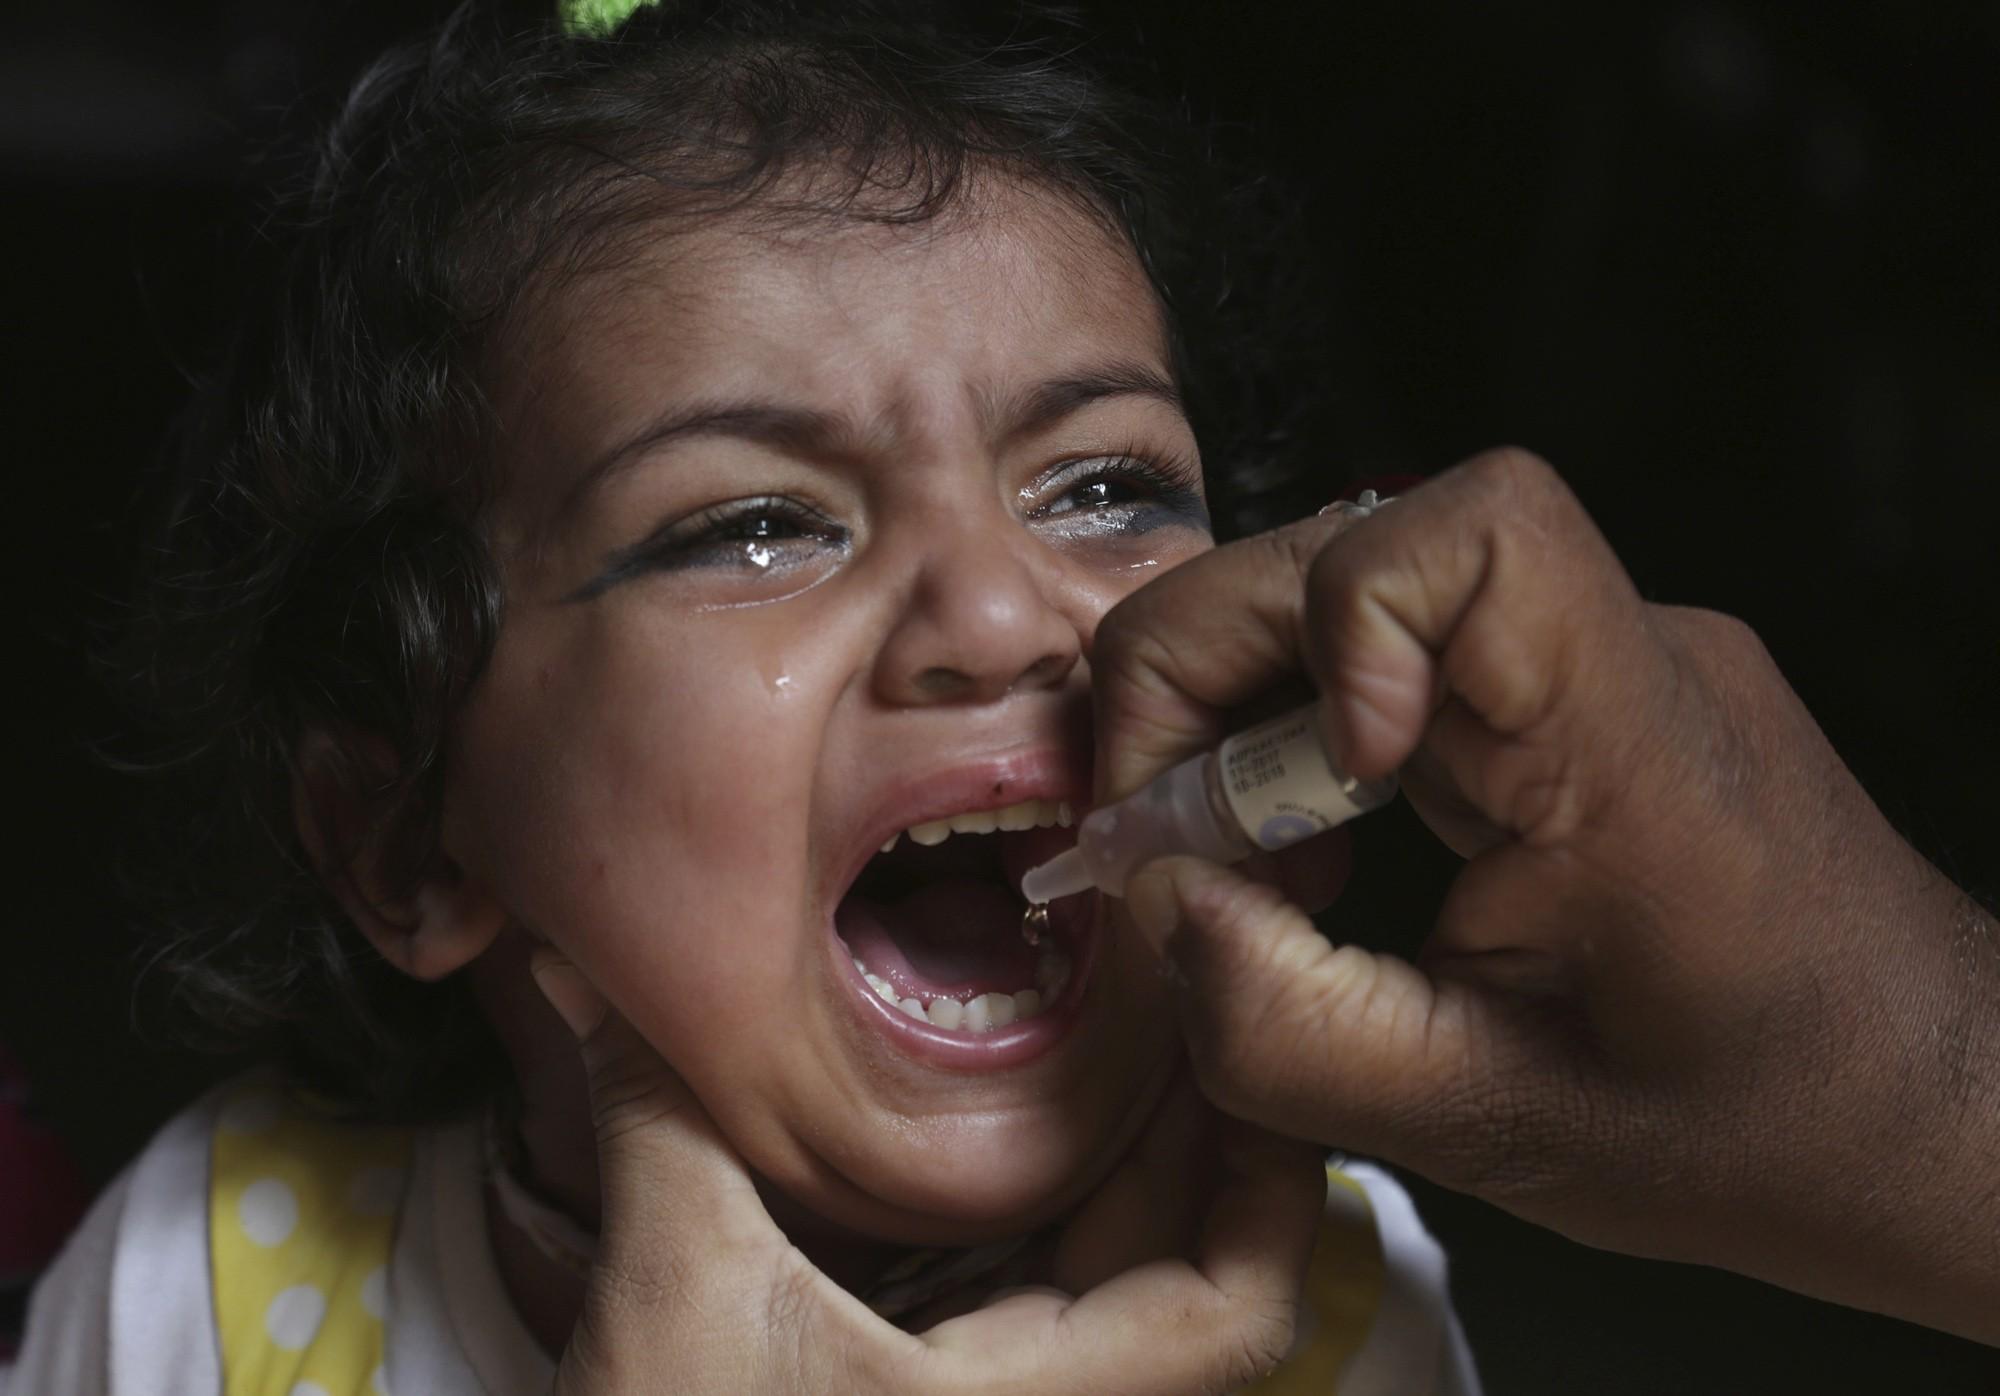 Erradicação de pólio e sarampo criou 'falsa sensação' de que vacinação não é mais necessária, diz Ministério da Saúde